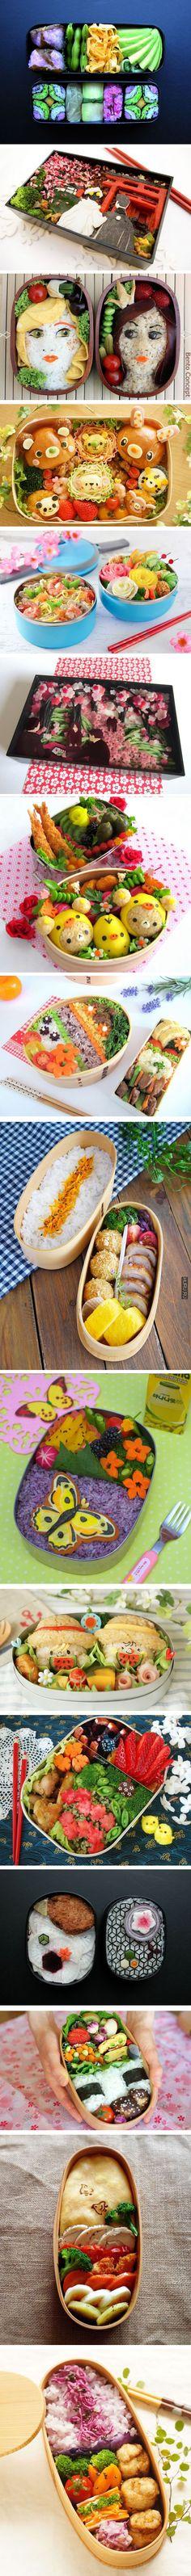 САМОЕ ИНТЕРЕСНОЕ В ИНТЕРНЕТЕ: Как японцы упаковывают еду: шедевры кулинарии